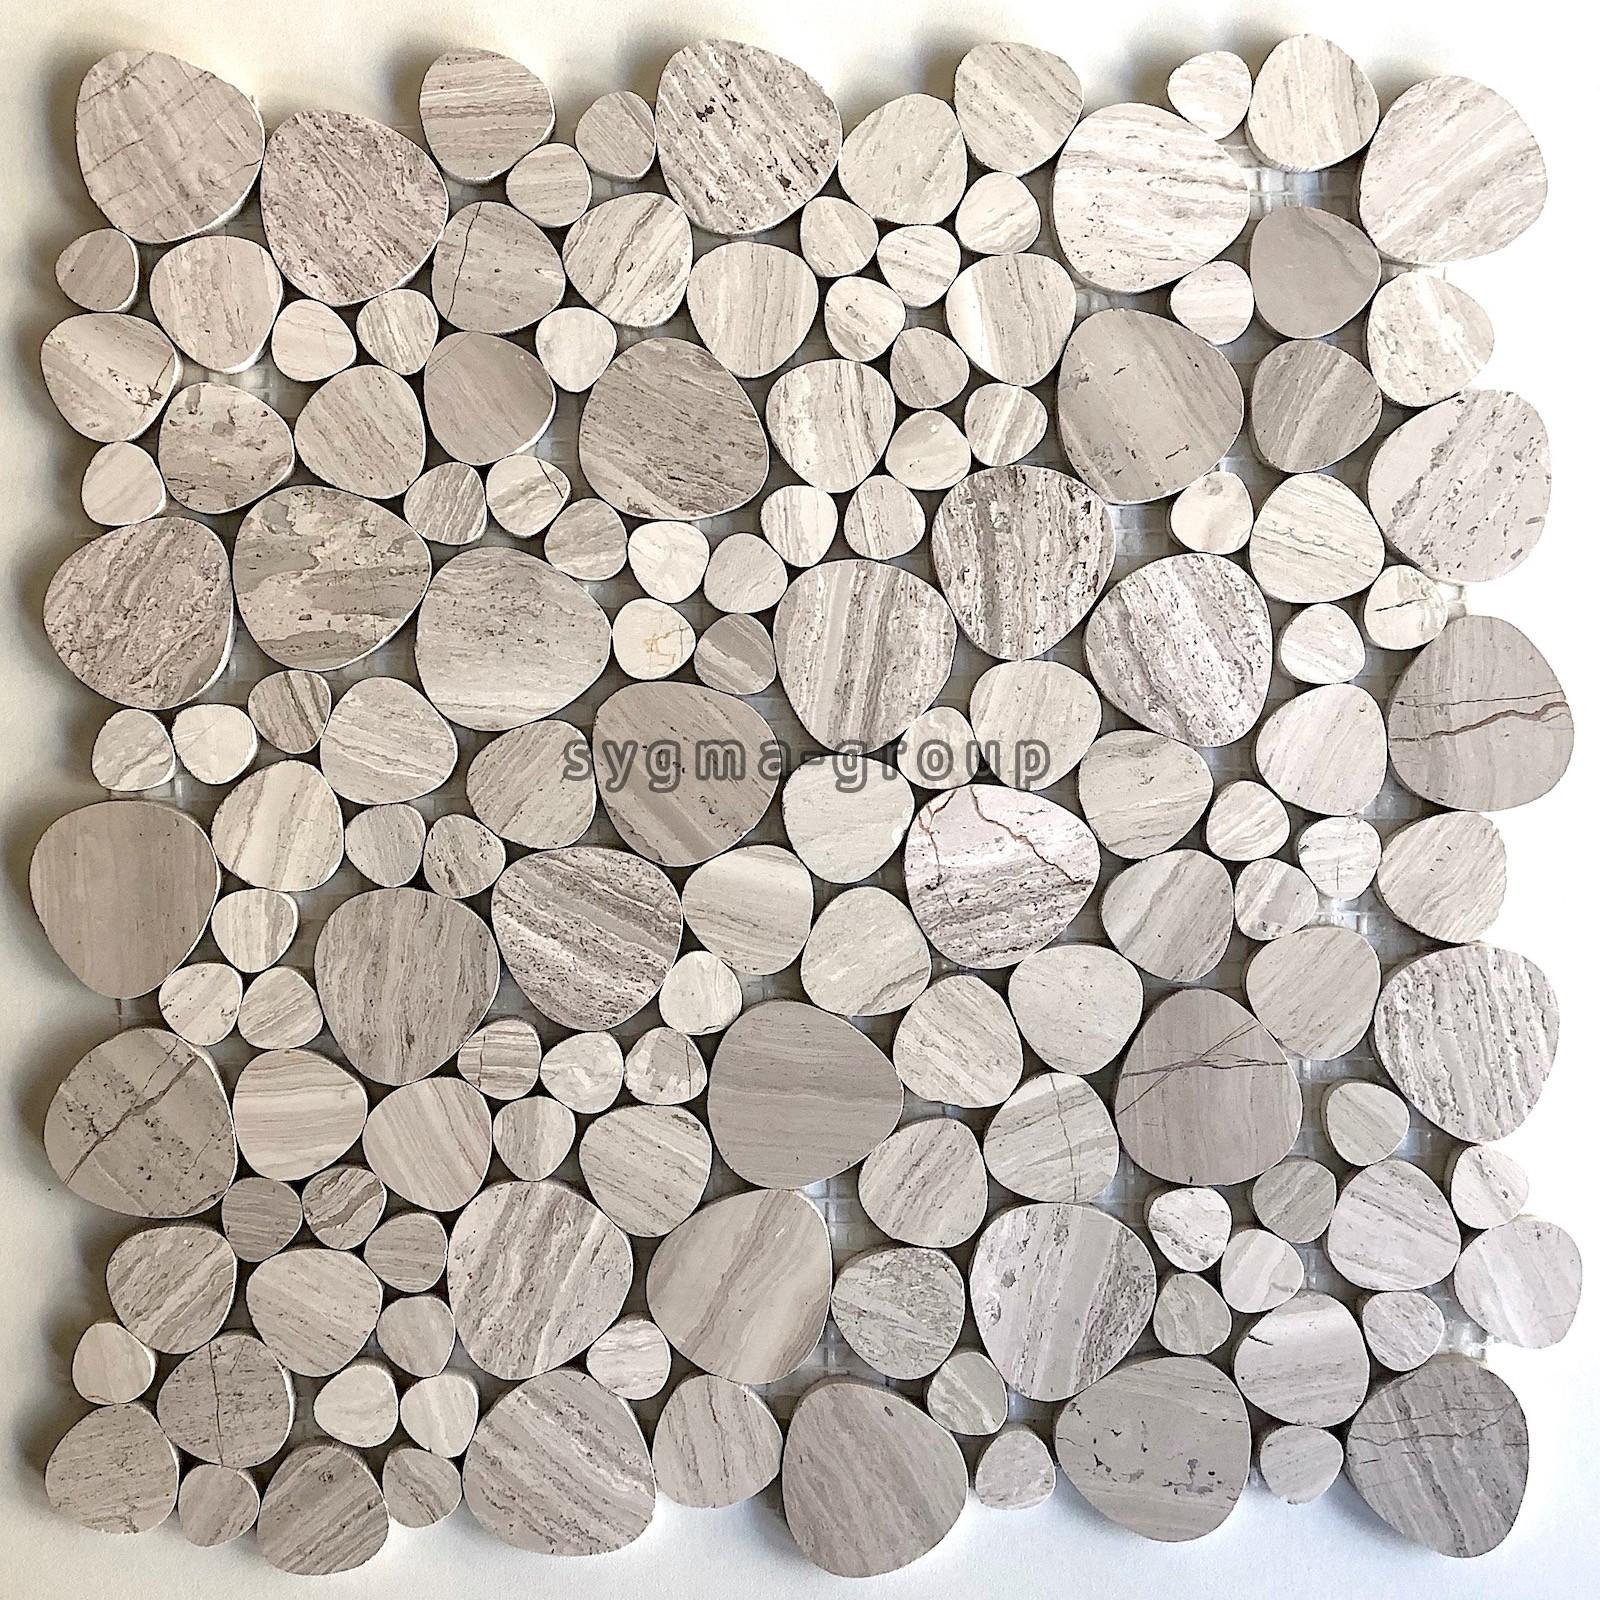 Carrelage En Galets Salle De Bain galets de marbre carrelage sol et mur mp-neferti - carrelage-mosaique